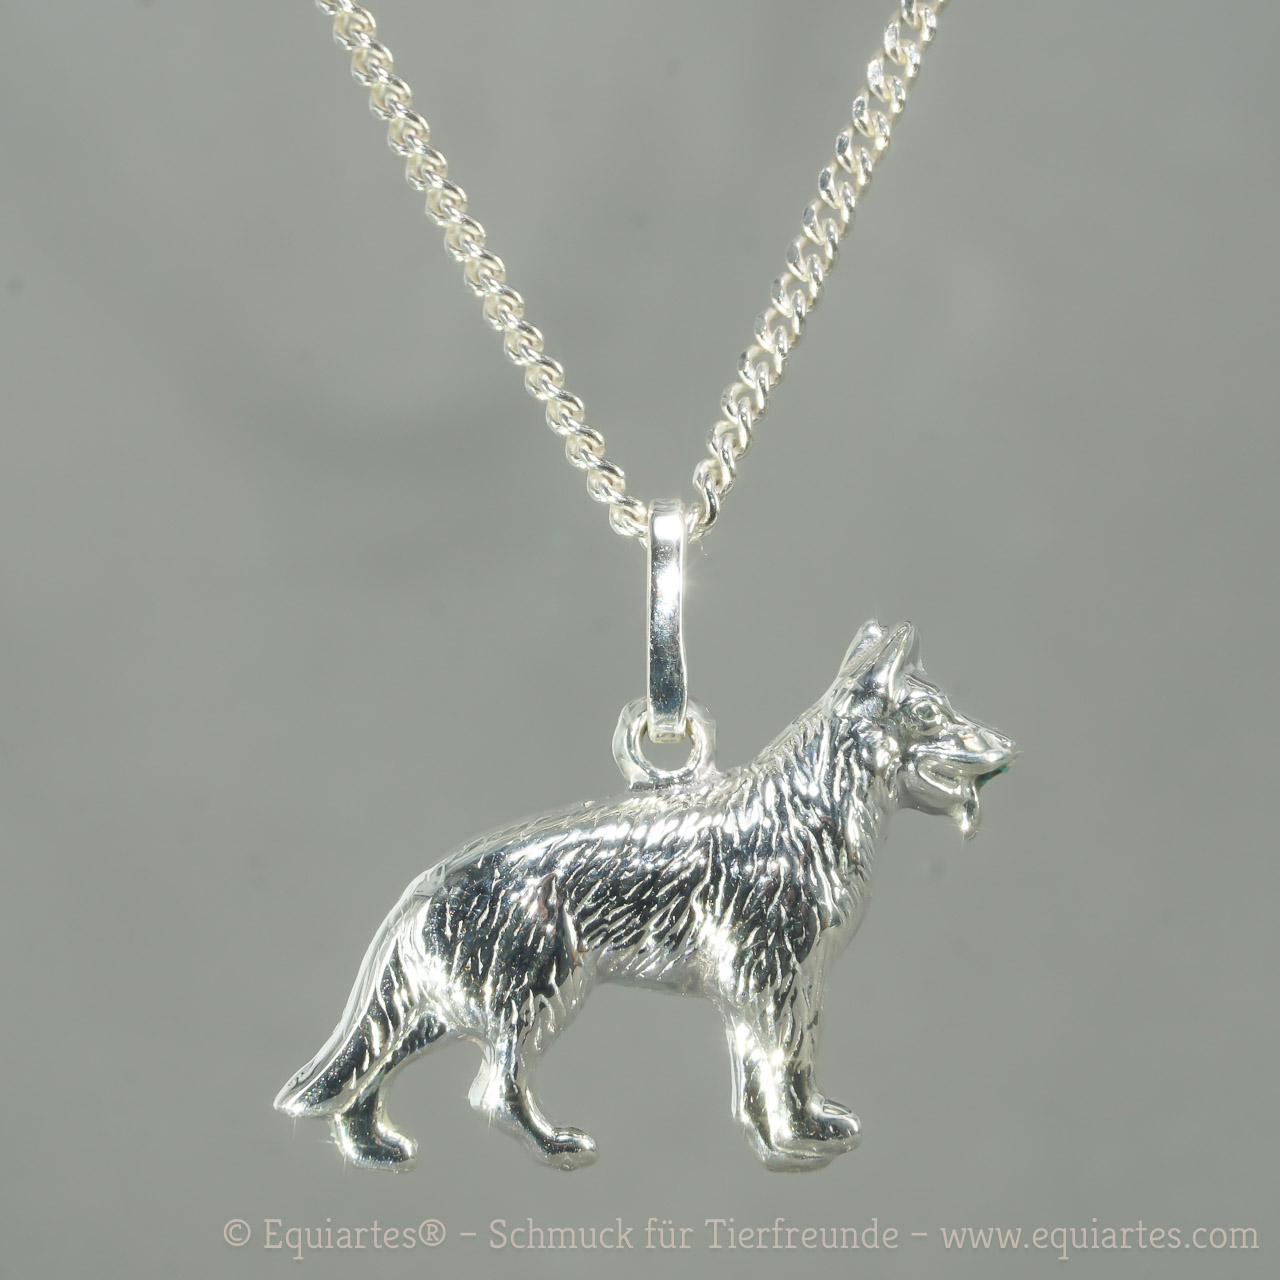 Detaillierer Sterlingsilber-Anhänger Schäferhund. Auf Wunsch mit passender Silberkette in gewünschter Länge. Eine schöne Geschenkidee für Hundebesitzer.